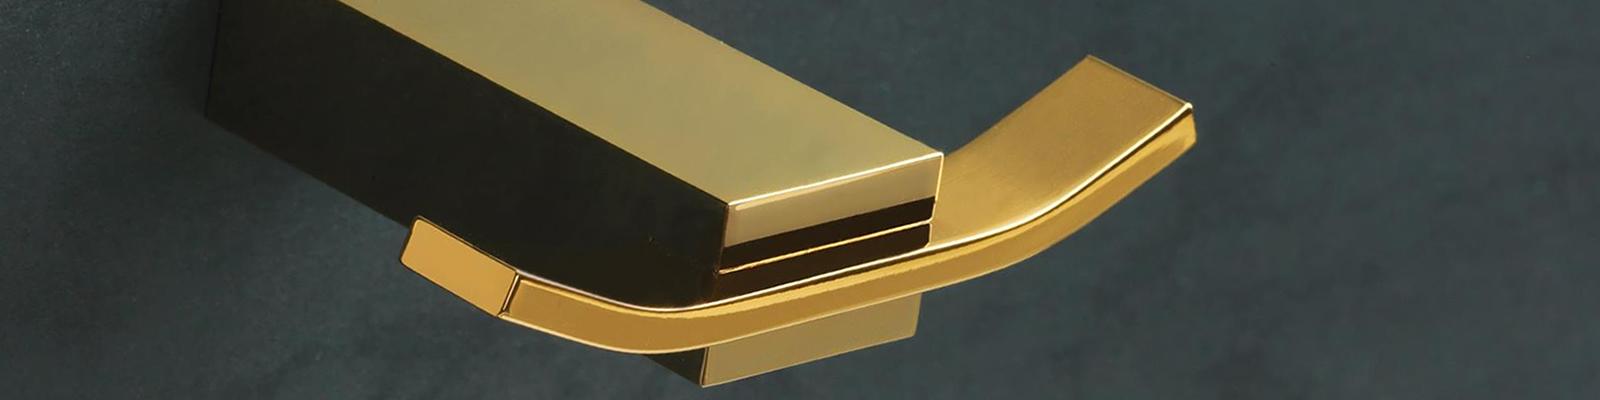 imagen accesorios de baño dorados